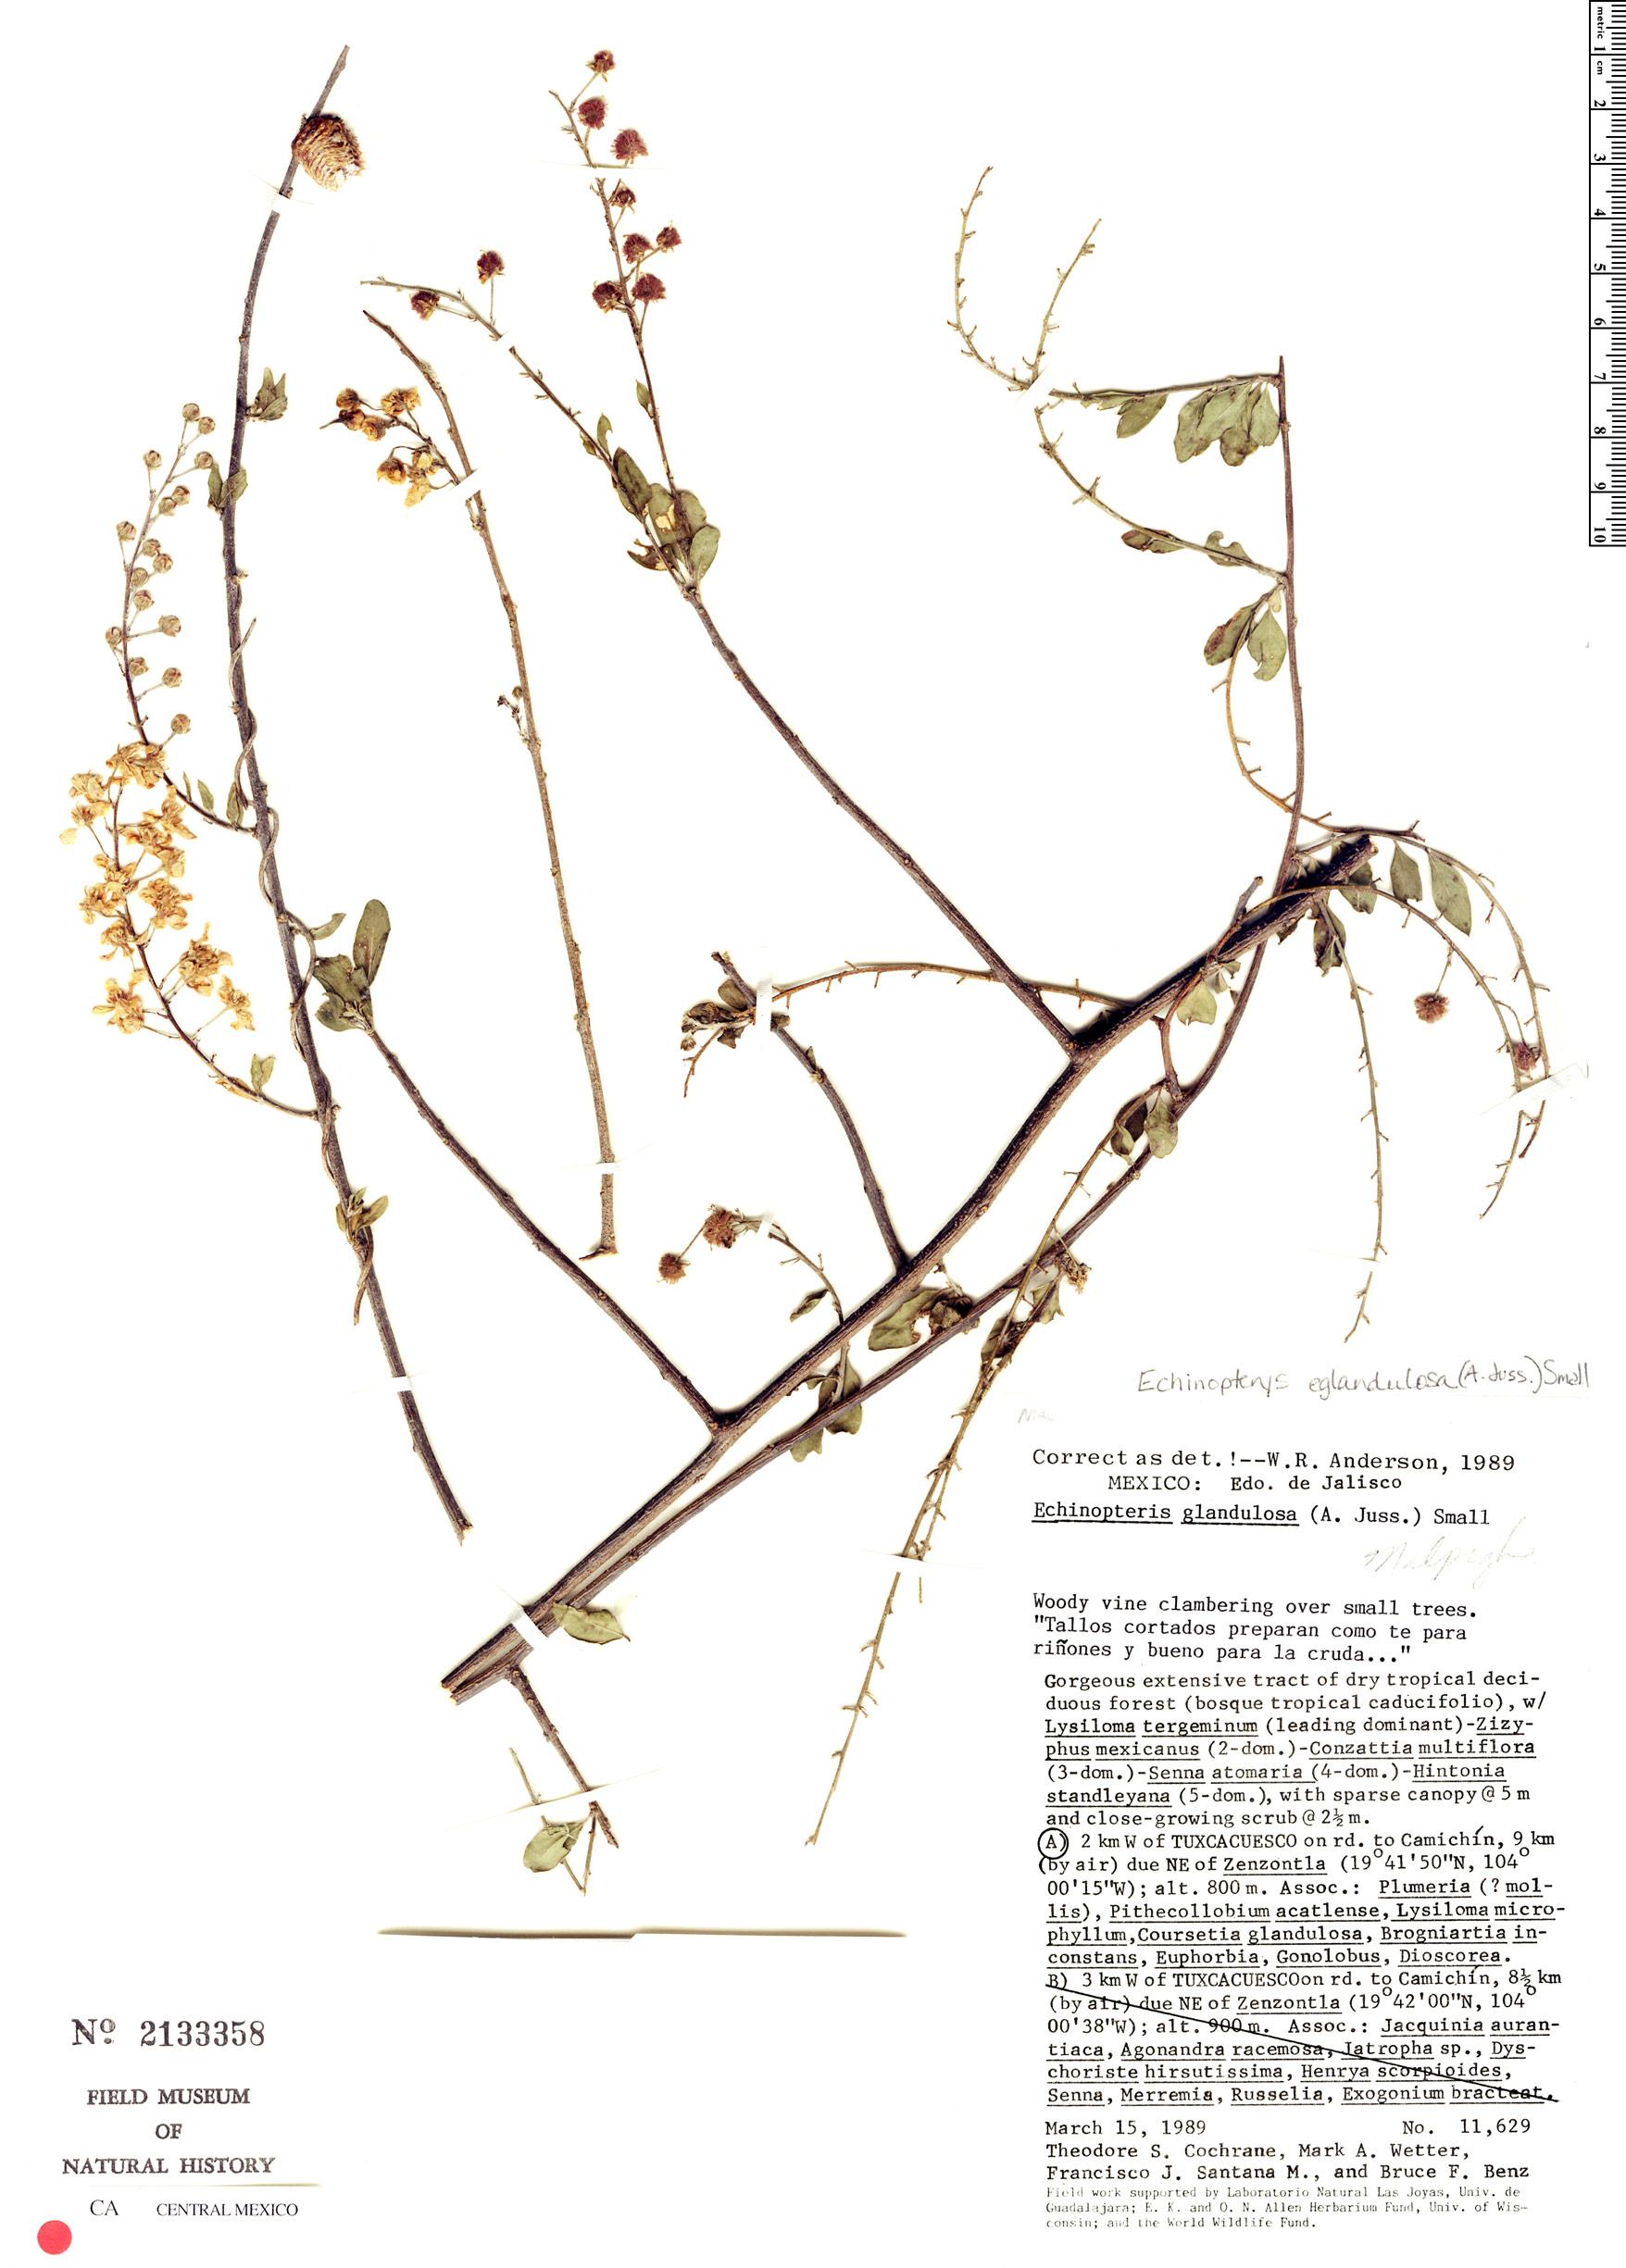 Echinopterys eglandulosa image